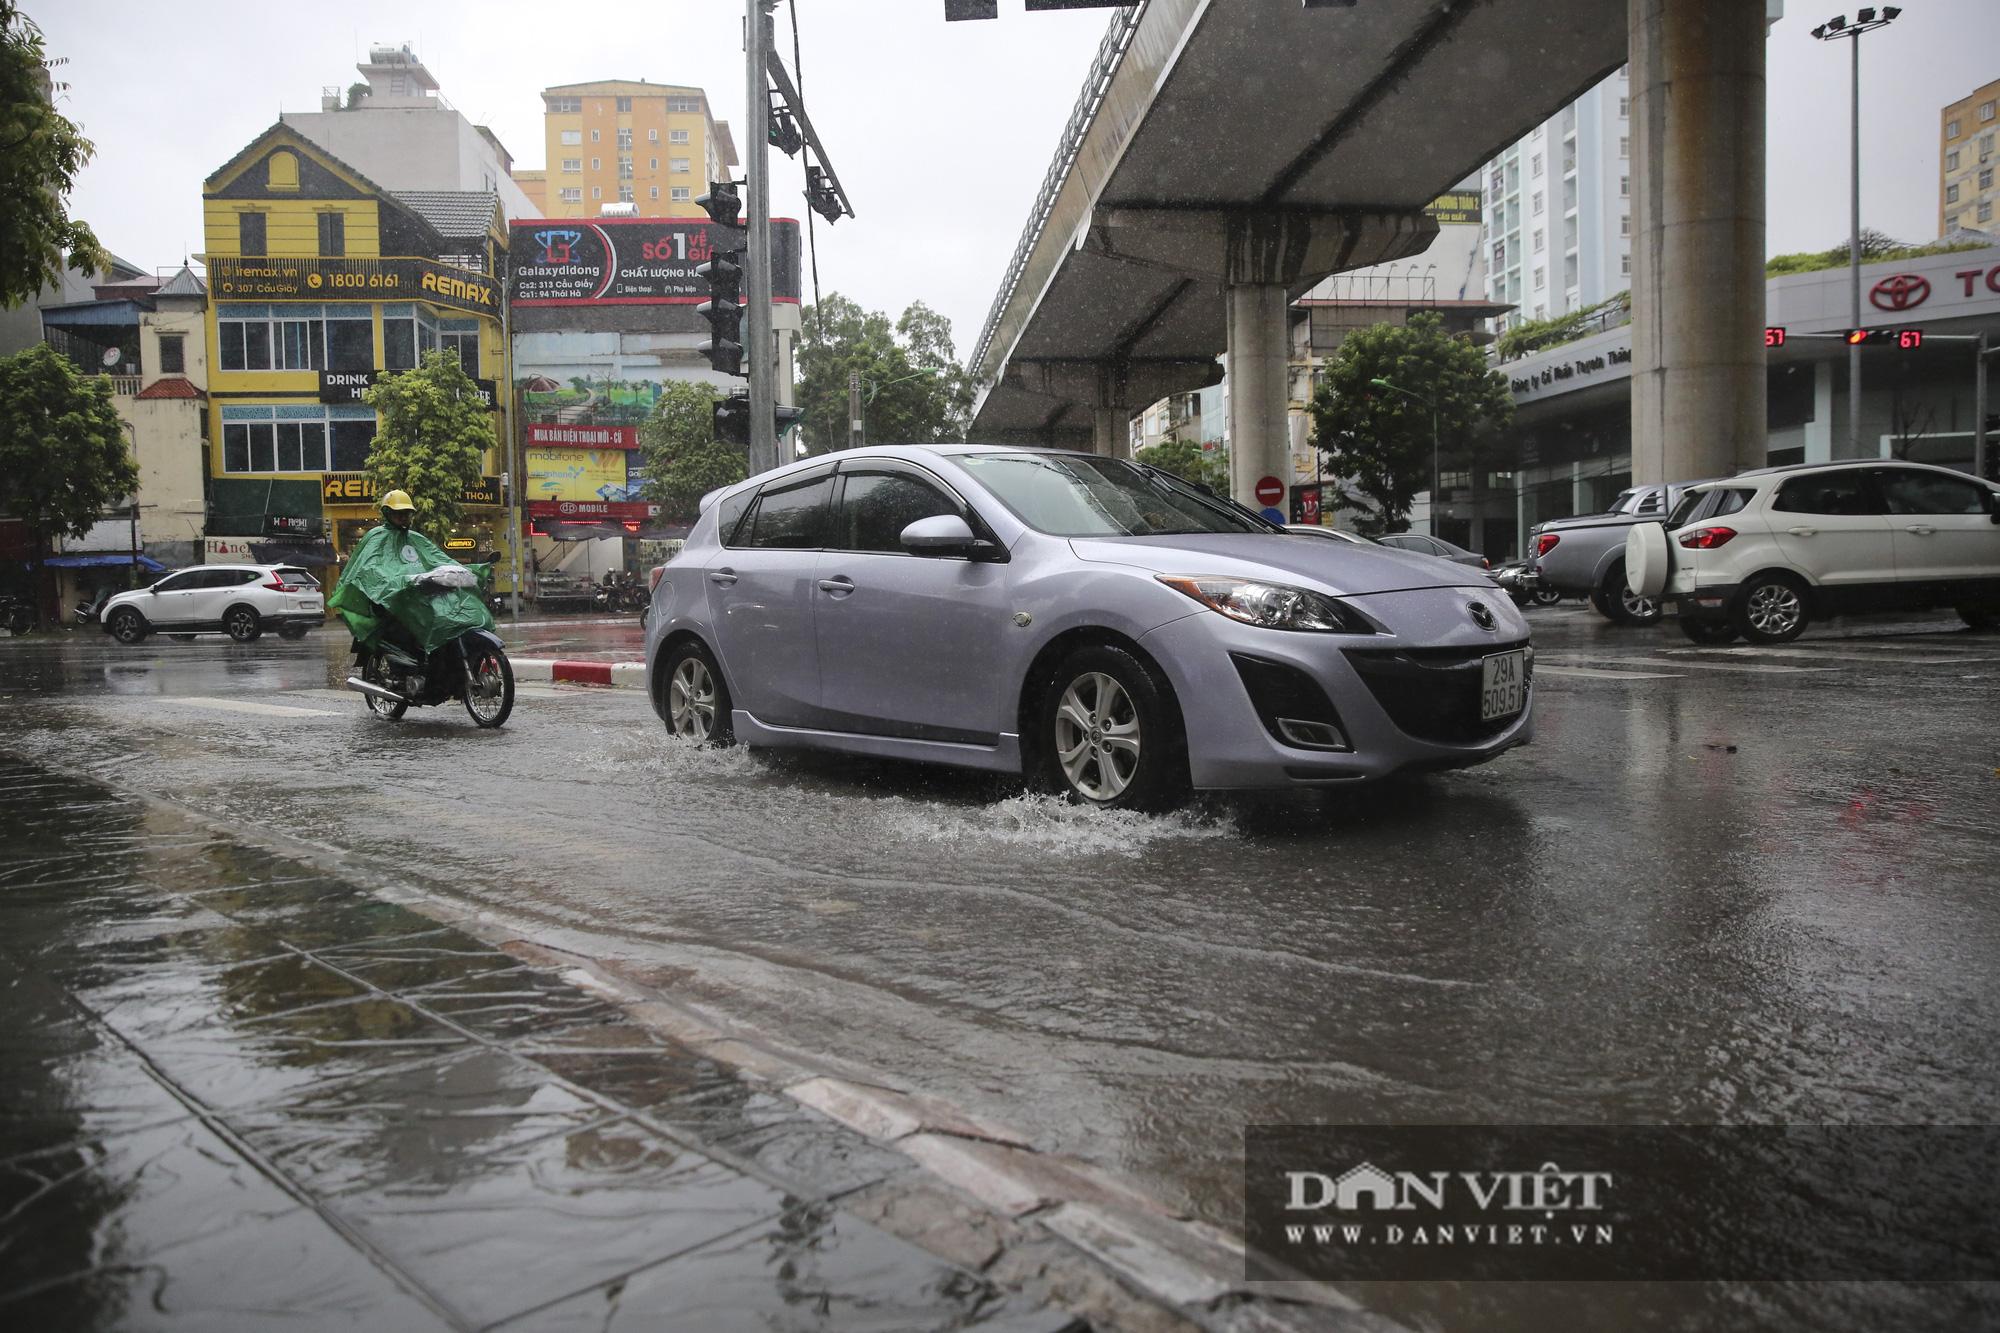 Sau bão số 2, Hà Nội mưa cả ngày khiến mực nước sông Tô Lịch bất ngờ dâng cao - Ảnh 2.